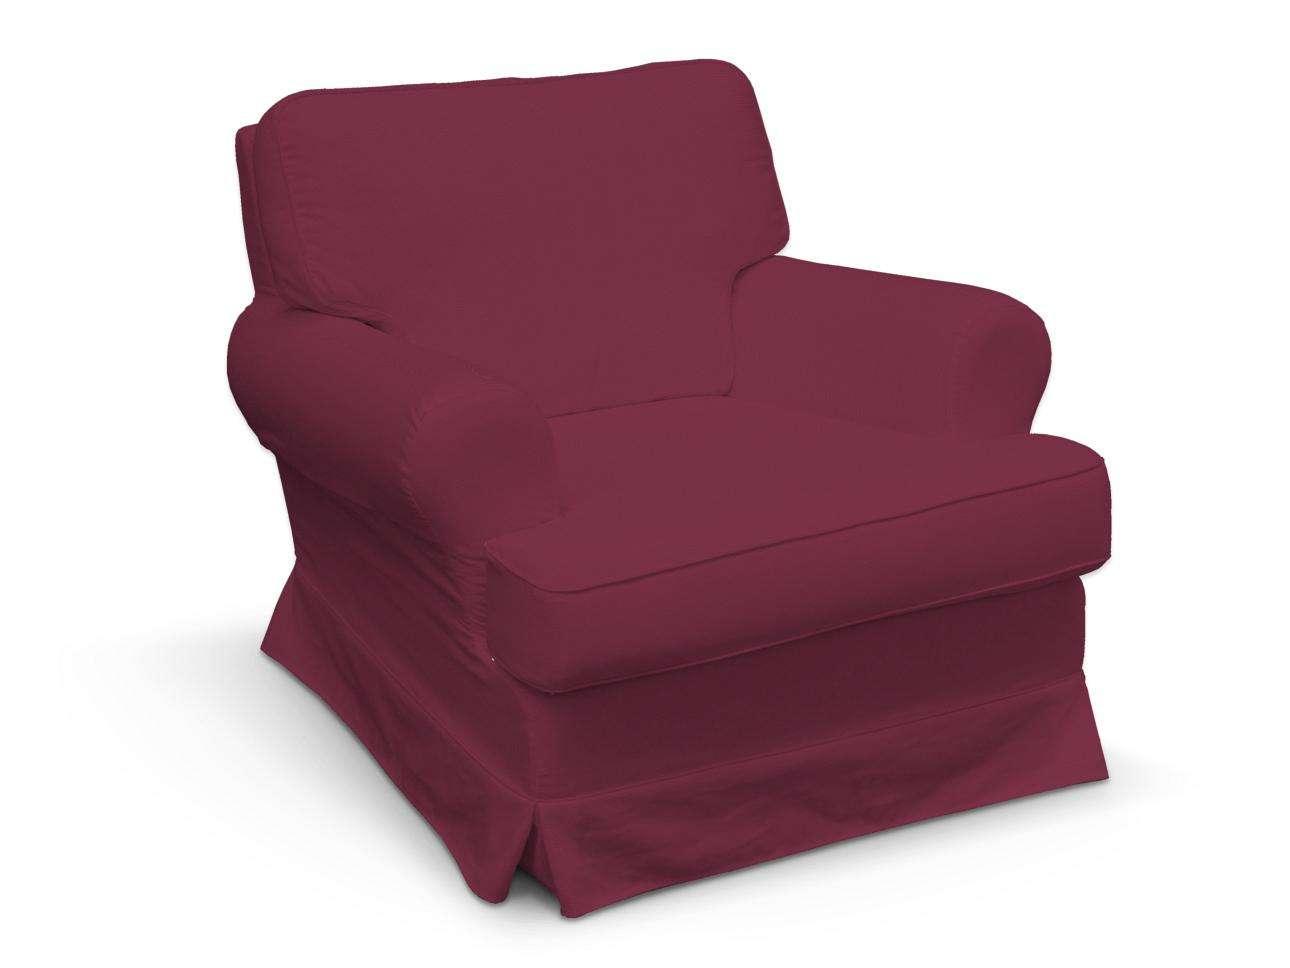 Barkaby fotelio užvalkalas Barkaby fotelio užvalkalas kolekcijoje Cotton Panama, audinys: 702-32